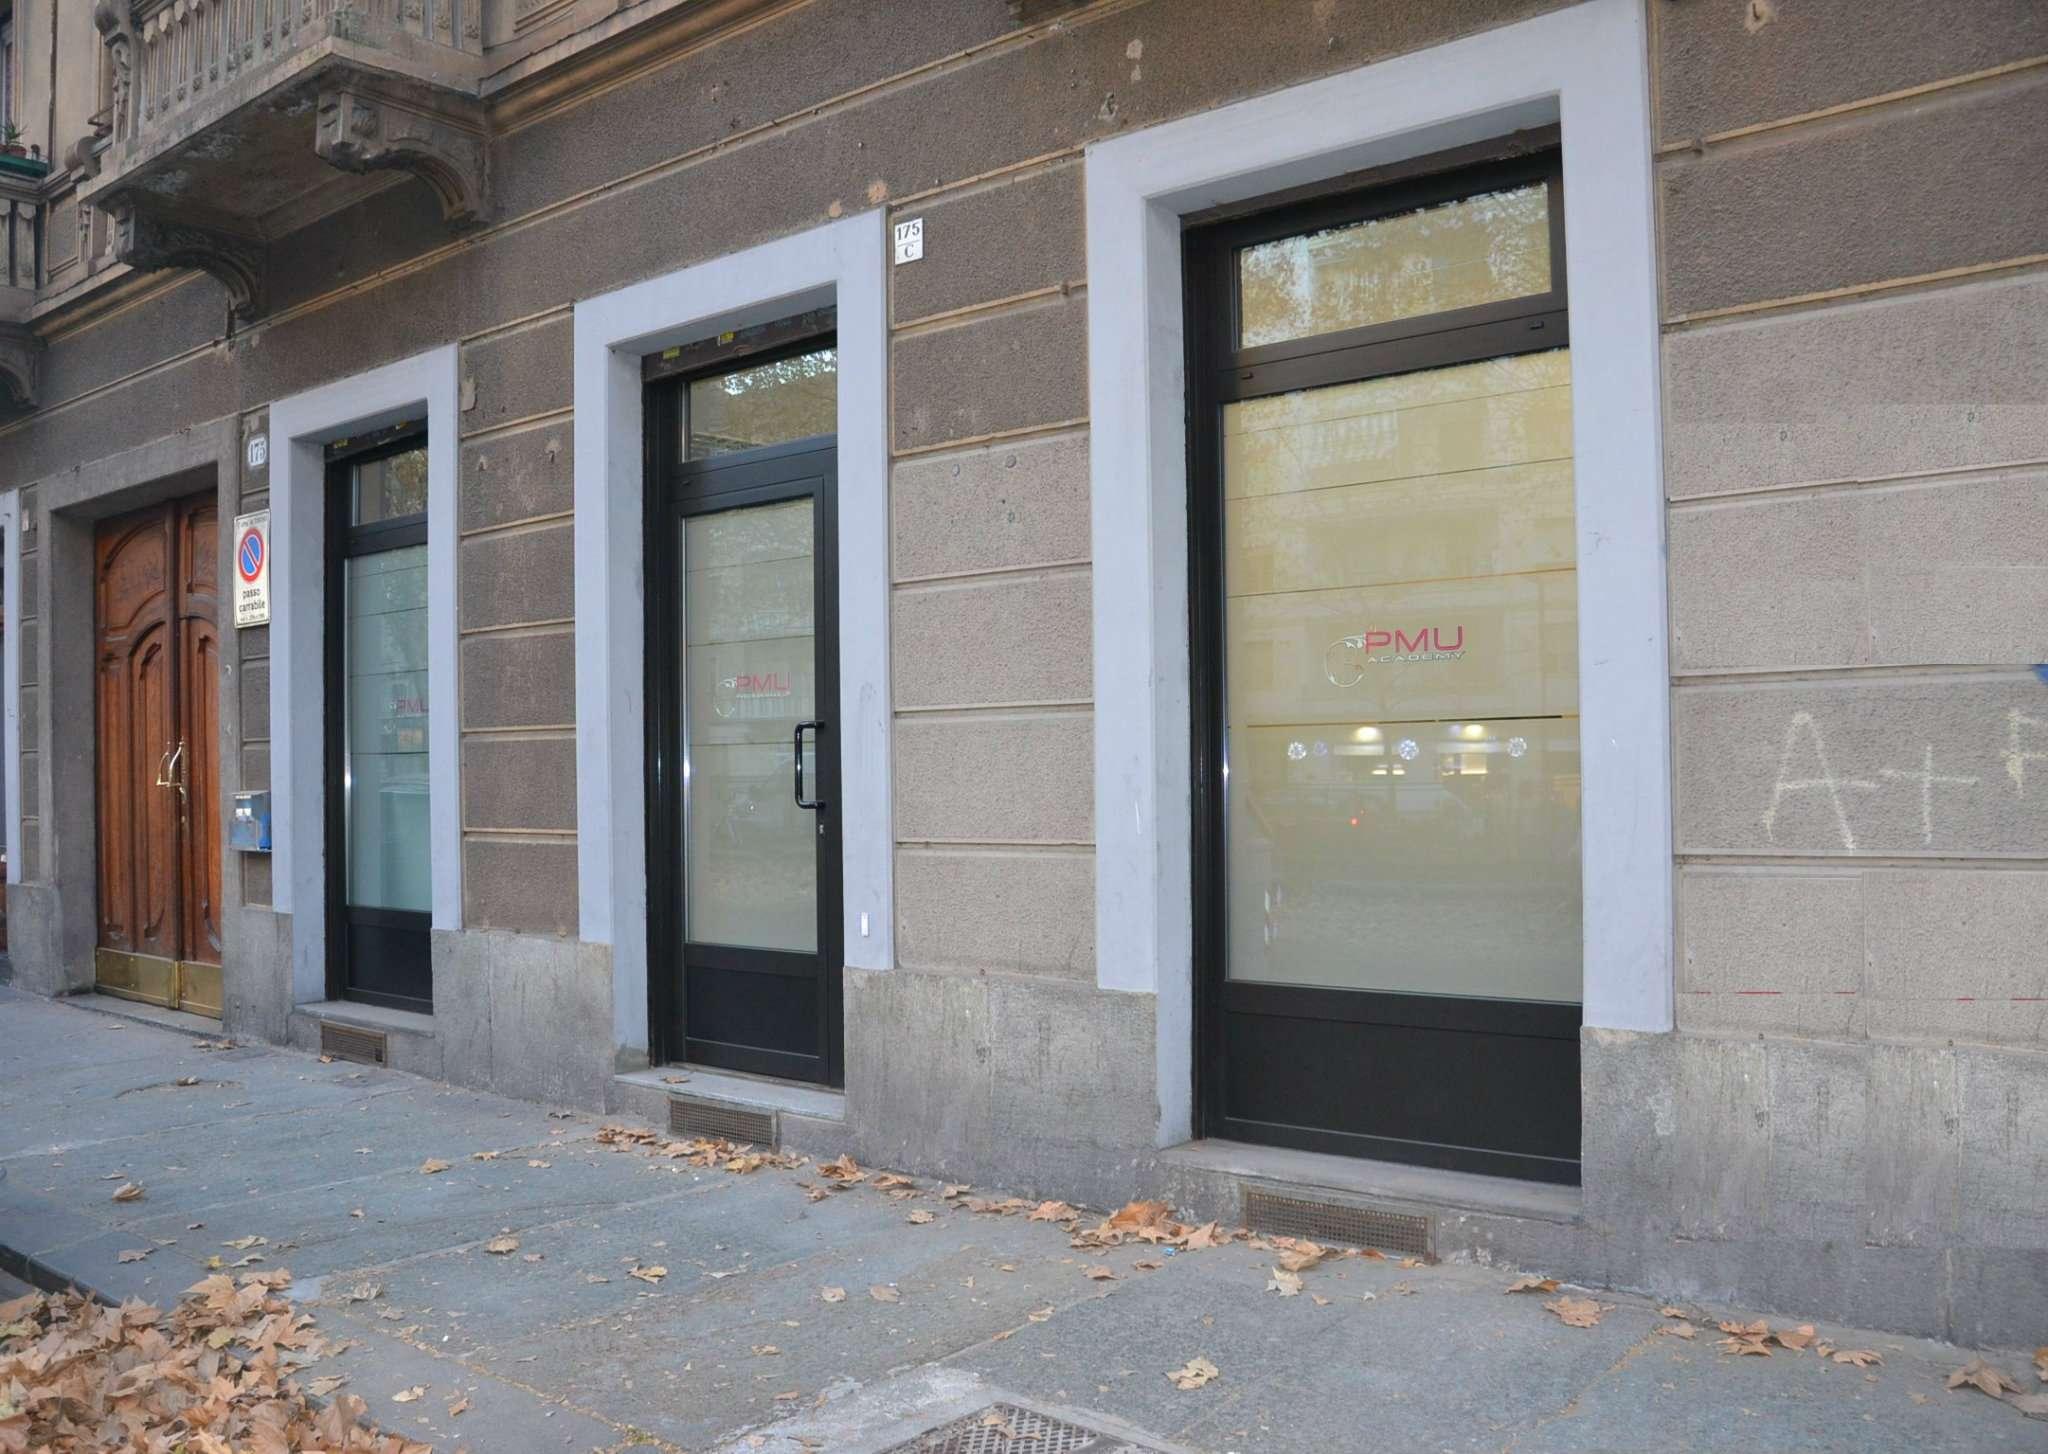 Negozio in vendita Zona Cit Turin, San Donato, Campidoglio - corso Regina Margherita 175 Torino